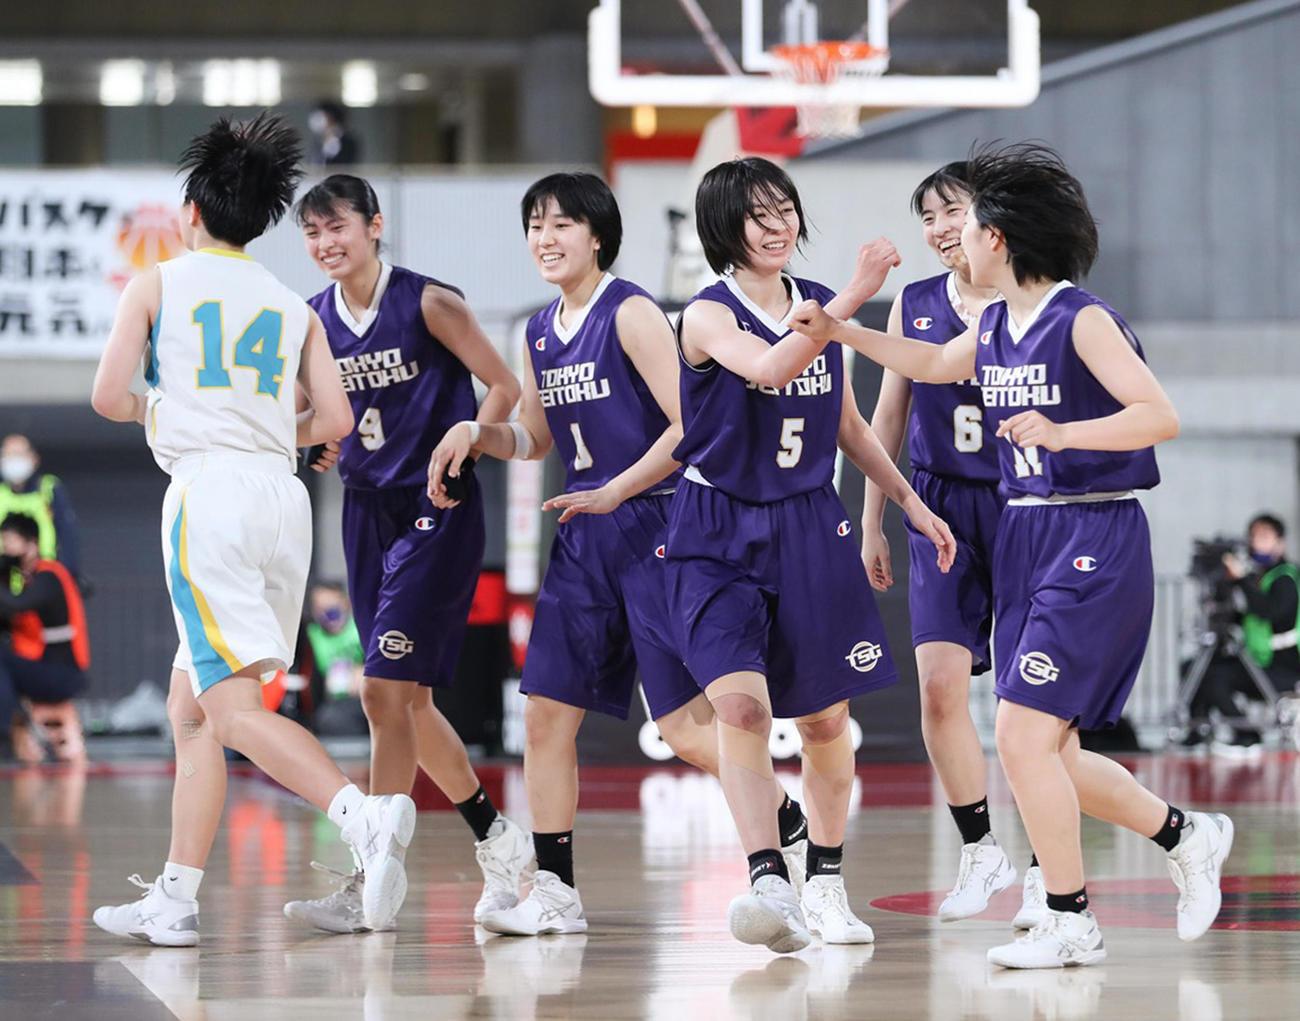 札幌山の手対東京成徳大高 第4Q、笑顔でタッチを交わす東京成徳大高の選手たち(C)JBA